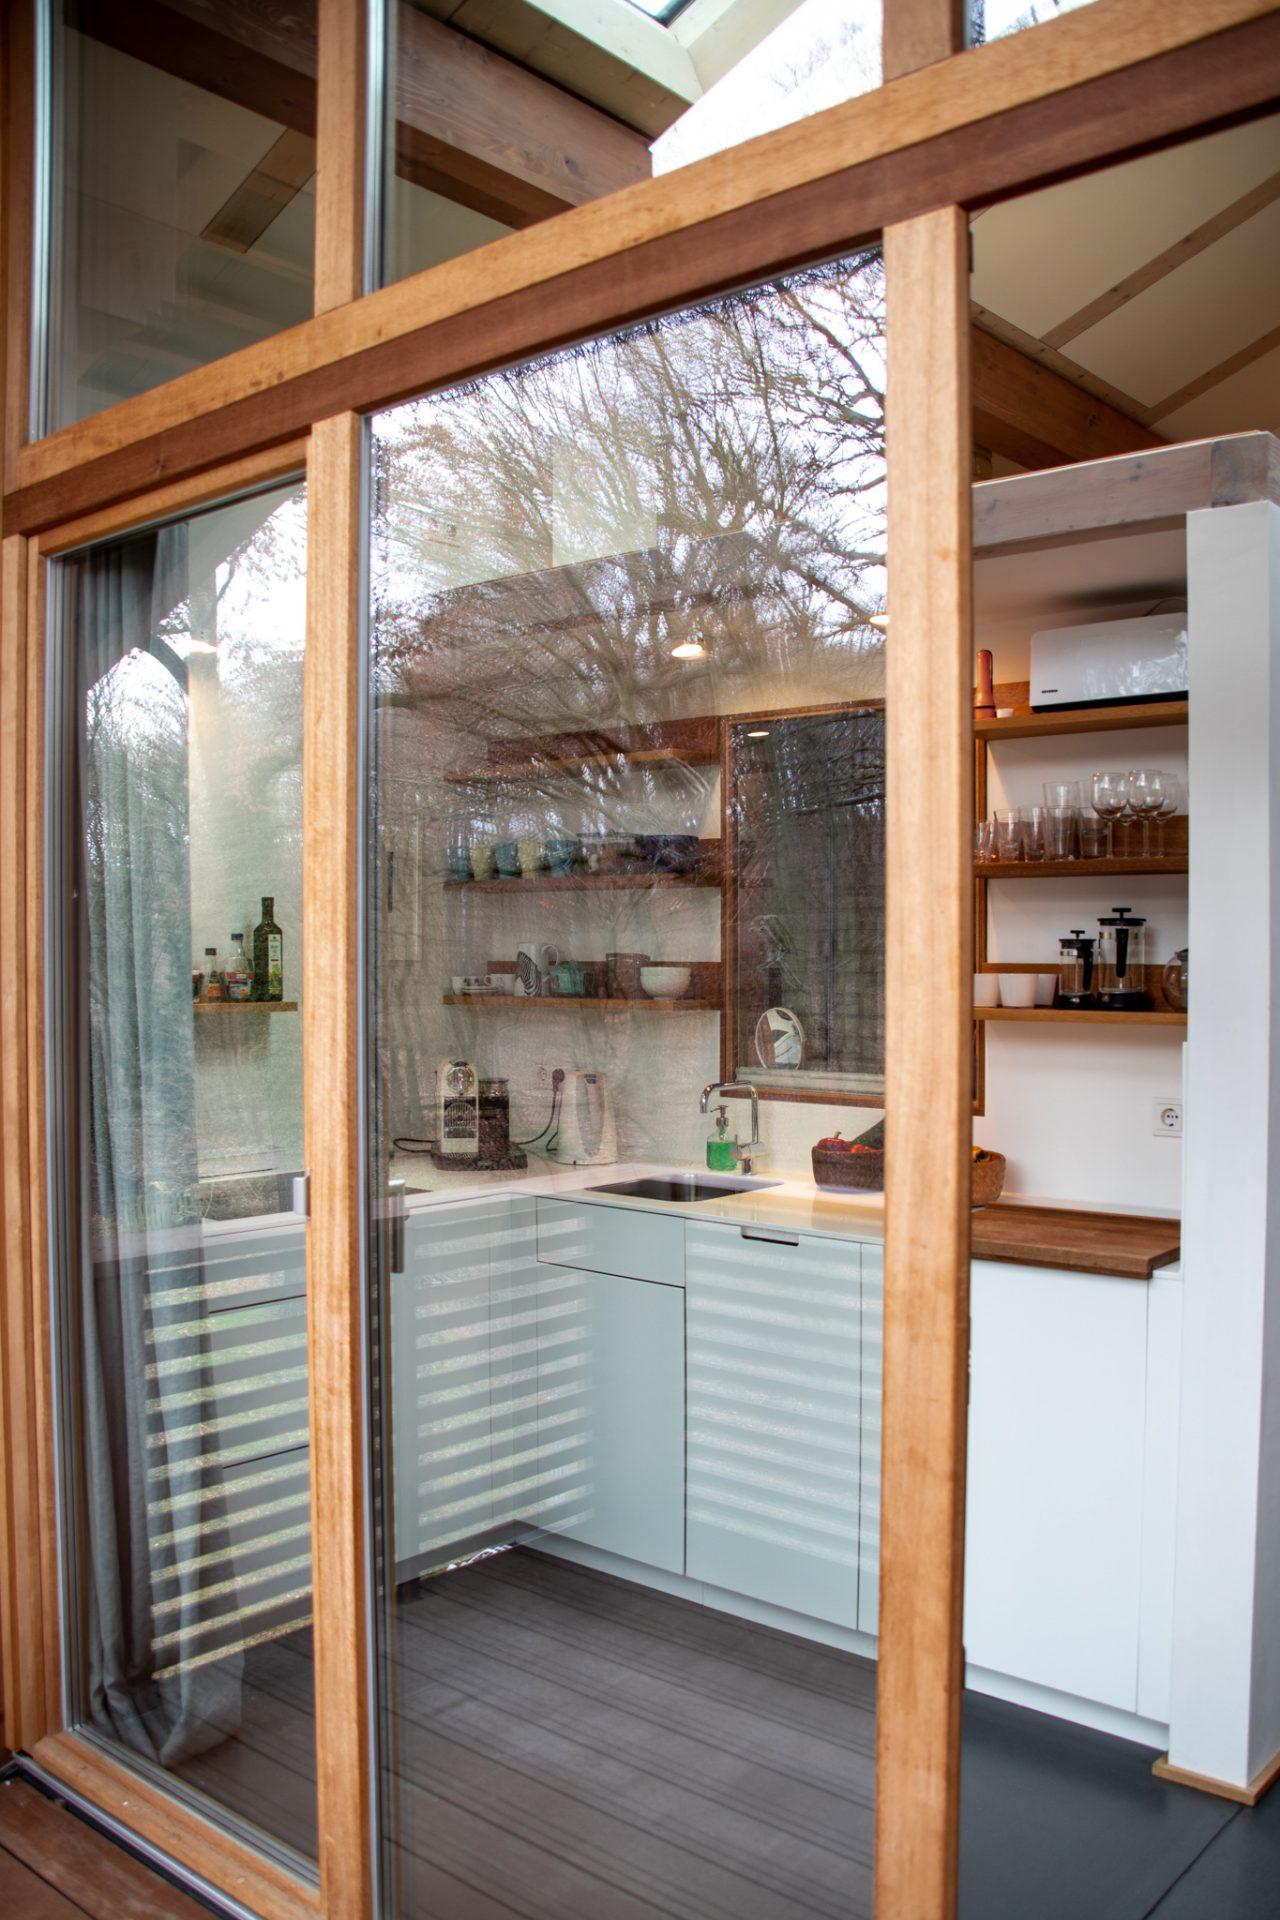 potsdam-parkchalet-lichtung-küche-vom-balkon